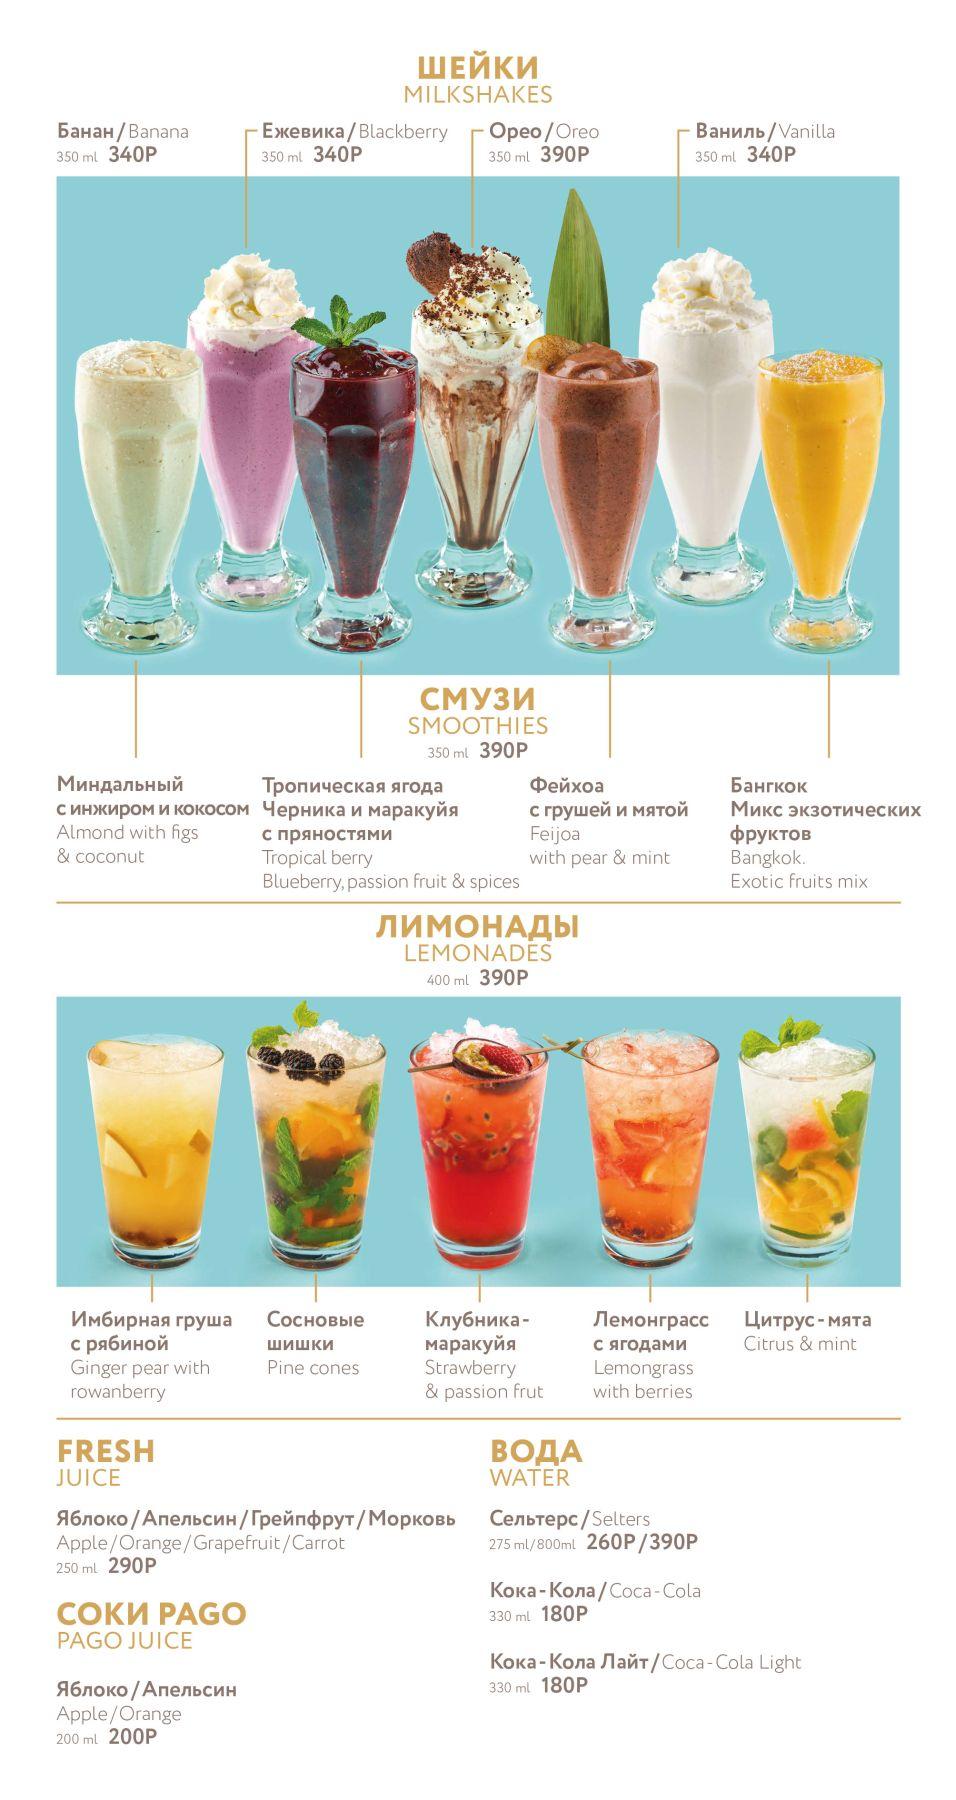 Beverage menu: 4